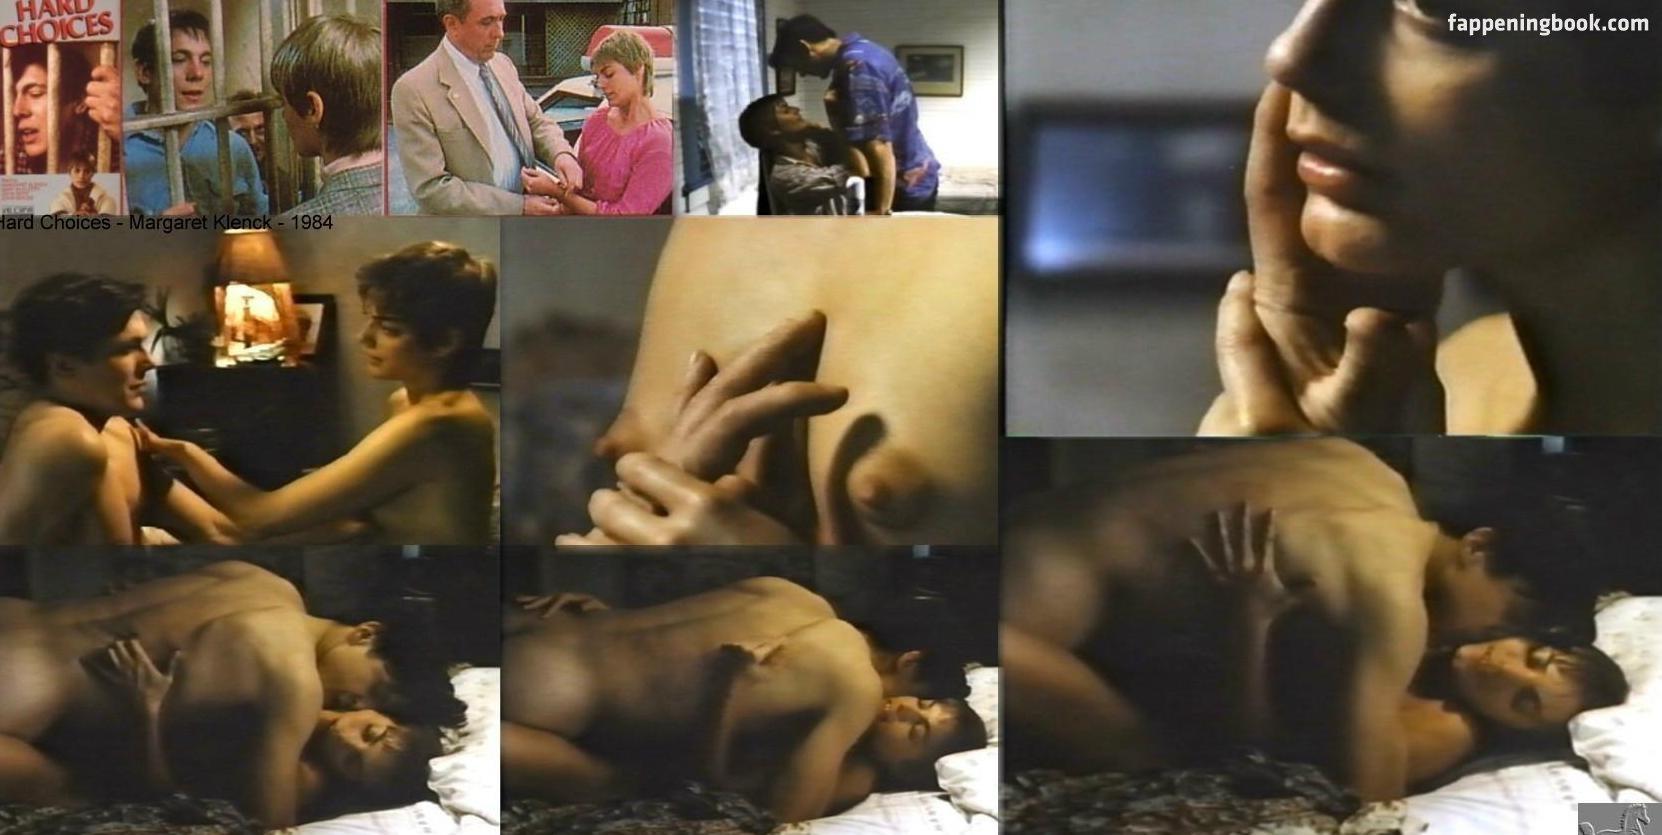 Reid nackt Anne  Rebecca Hall